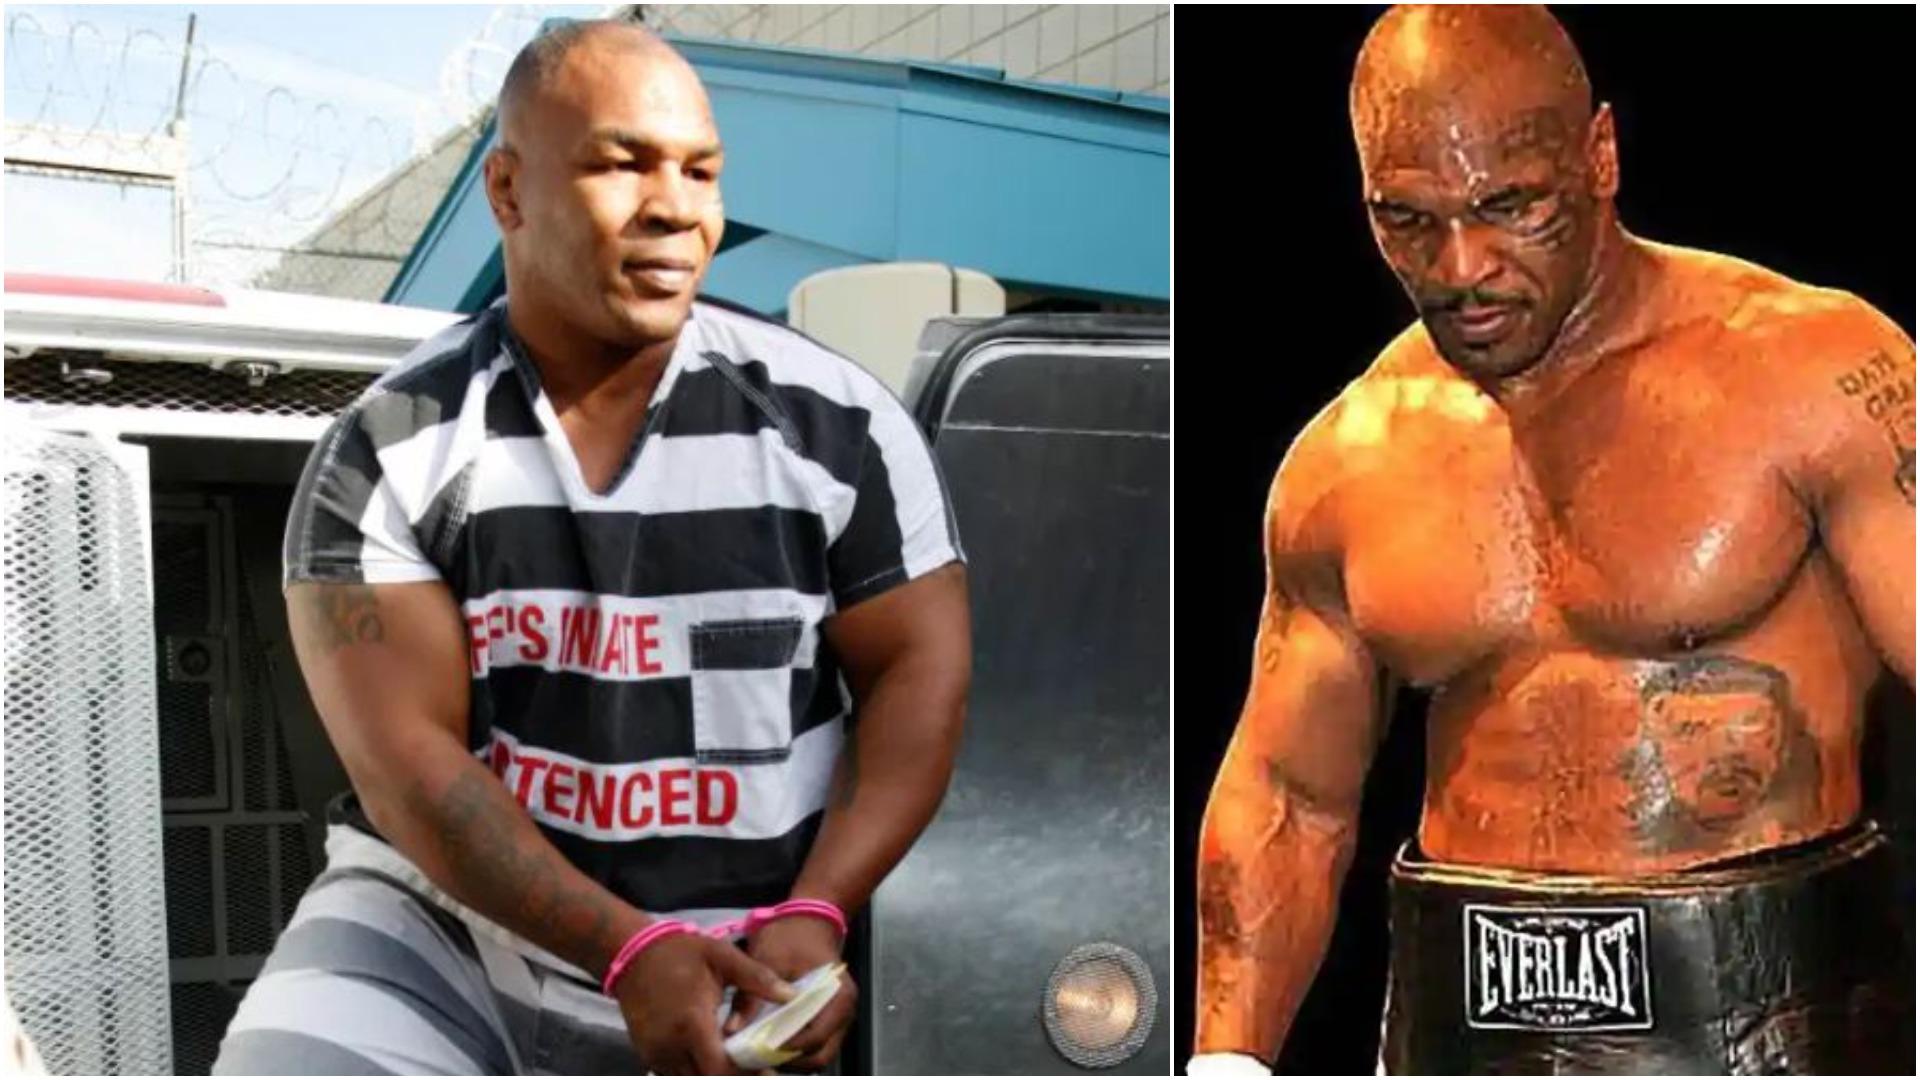 Historia e pabesueshme në burg, Mike Tyson siç nuk e keni parë kurrë